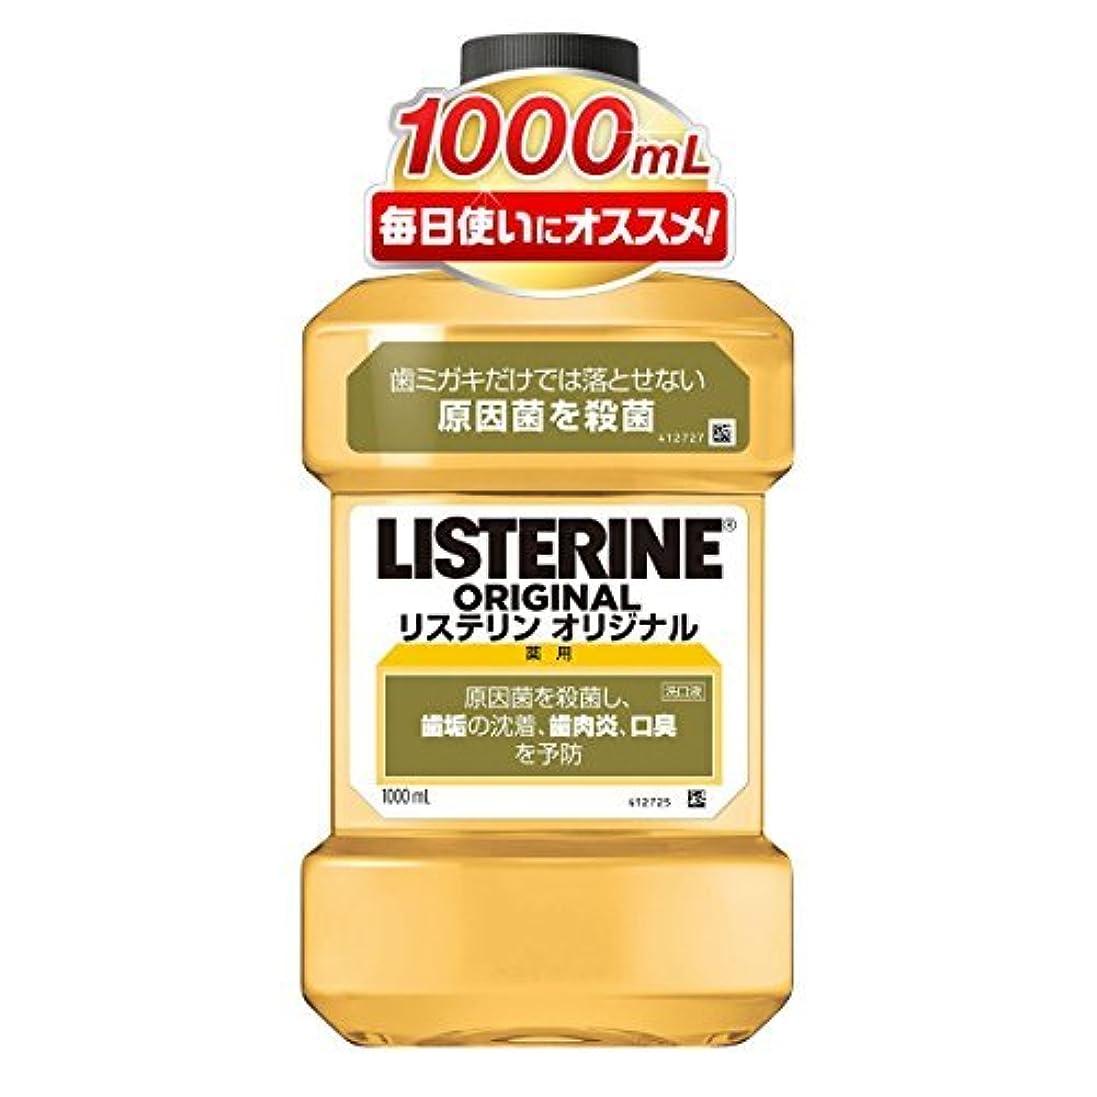 細胞みハードウェア薬用リステリン オリジナル 1000ml ×6個セット